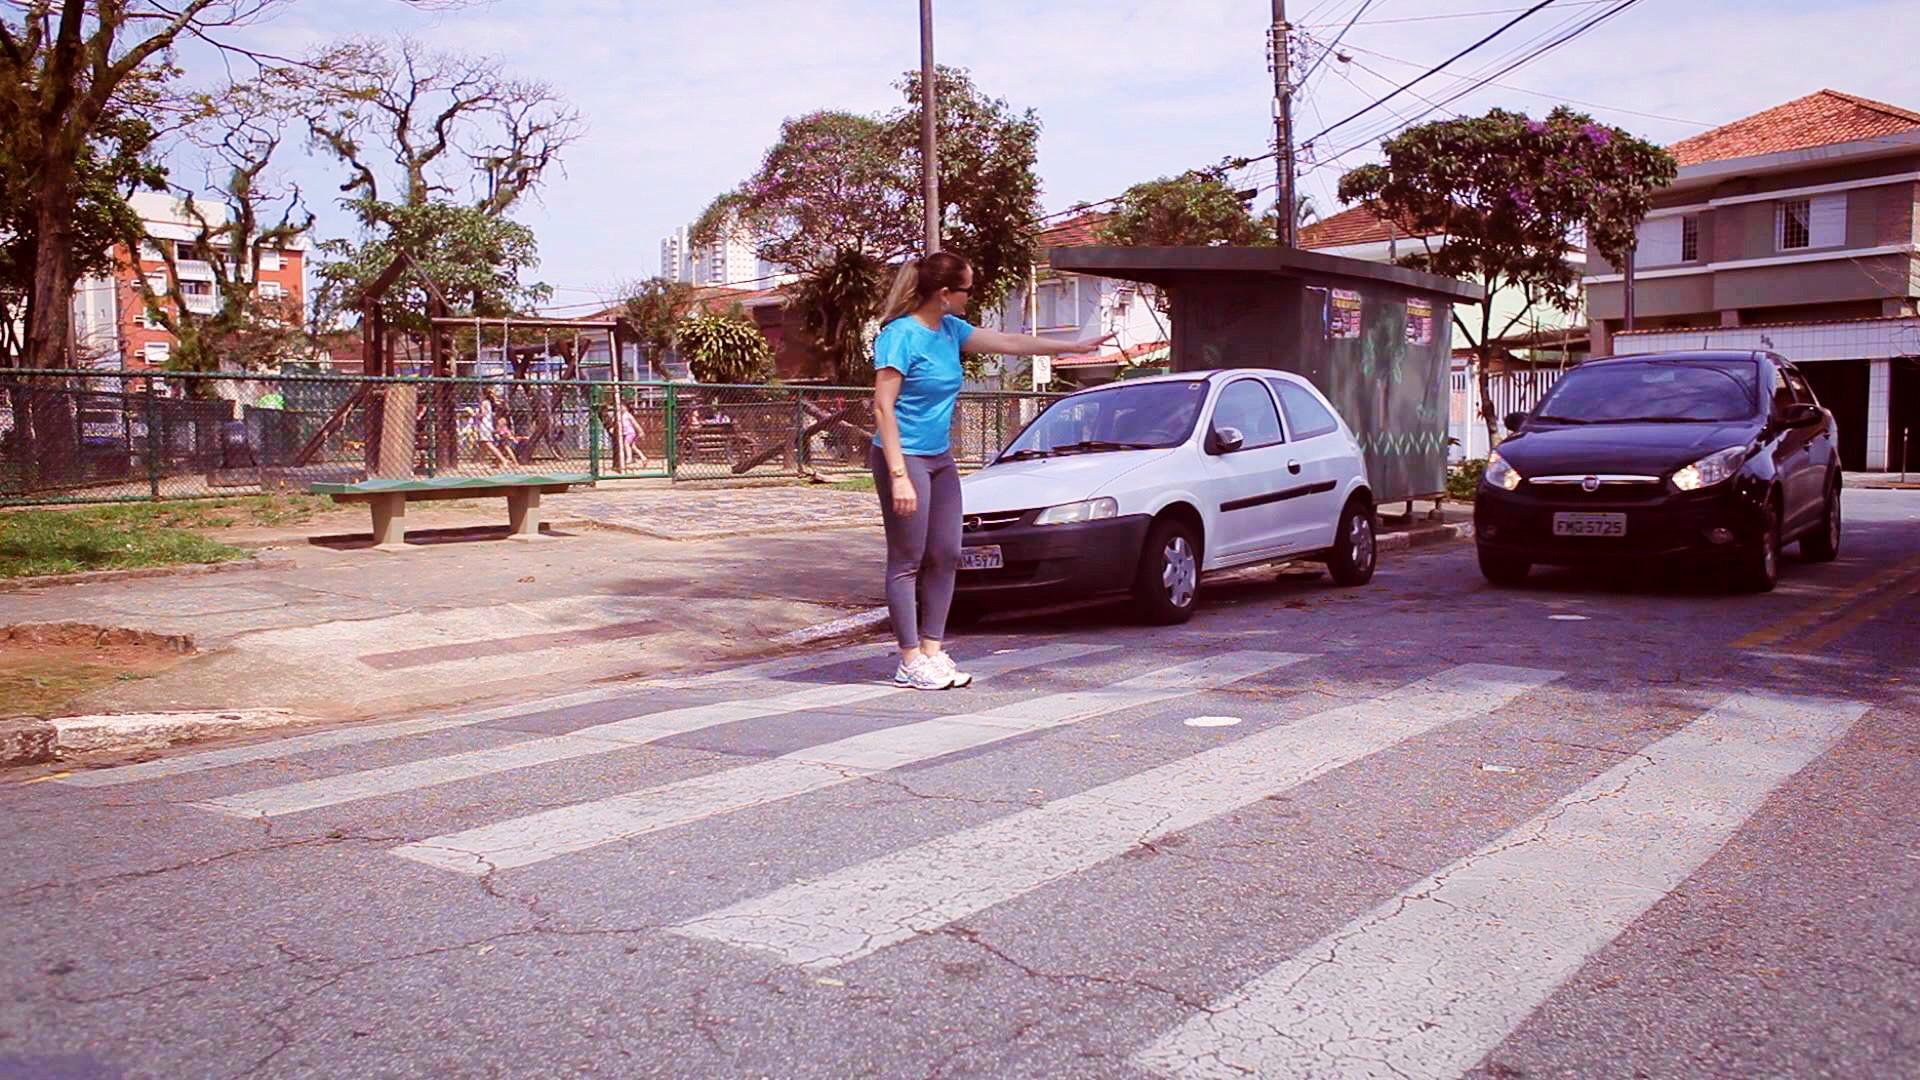 Verão com Segurança - TV Tribuna lança campanha educativa (Foto: Reprodução/TV Tribuna)